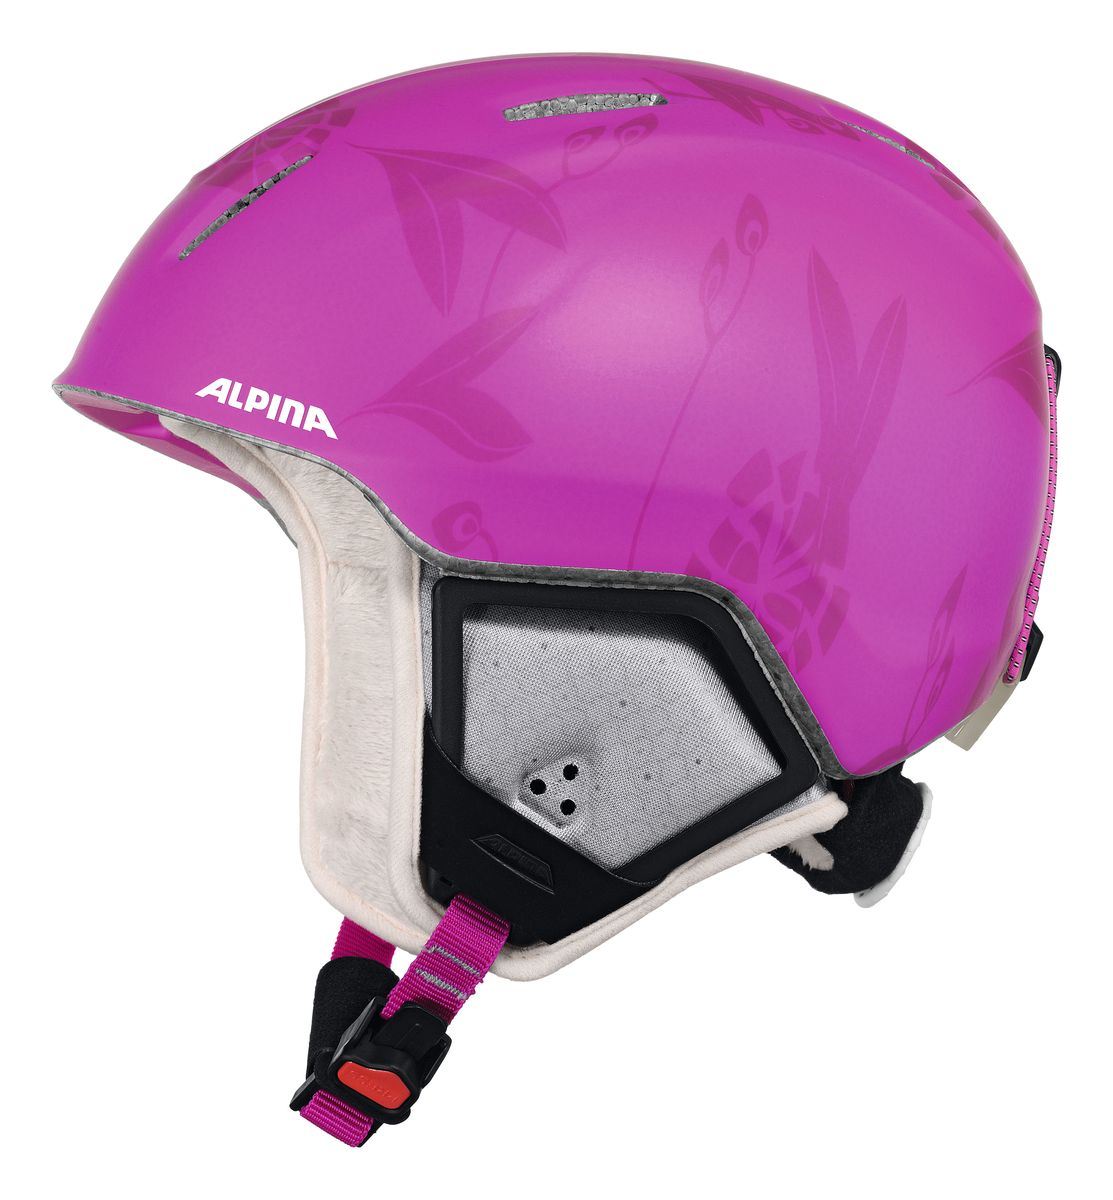 Шлем зимний Alpina Carat Xt, цвет: розовый. Размер 51-55. 9080_539080_53Особенности:• Вентиляционные отверстия препятствуют перегреву и позволяют поддерживать идеальную температуру внутри шлема. Для этого инженеры Alpina используют эффект Вентури, чтобы сделать циркуляцию воздуха постоянной и максимально эффективной.• Внутренник шлема легко вынимается, стирается, сушится и вставляется обратно.• Из задней части шлема можно достать шейный утеплитель из мякого микро-флиса. Этот теплый воротник также защищает шею от ударов на высокой скорости и при сибирских морозах. В удобной конструкции отсутствуют точки давления на шею.• Прочная и лёгкая конструкция In-moldInmould - технология, при которой внутренняя оболочка из EPS (вспененного полистирола) покрыта поликарбонатом. Внешняя тонкая жесткая оболочка призвана распределить энергию от удара по всей площади шлема, защитить внутреннюю часть от проникновения острых осколков и сохранить ее форму. Внутренняя толстая мягкая оболочка демпфирует ударную энергию, предохраняя головной мозг от ударов. Такой шлем наиболее легкий и подходит большинству горнолыжников, не бросающих вызов судьбе в поисках адреналина. . Тонкая и прочная поликарбонатная оболочка под воздействием высокой температуры и давления буквально сплавляется с гранулами EPSВспенивающийся полистирол (ПСВ) являлся изоляционным полимерным материалом. Каждая гранула состоит из равномерно распределенных микроскопических плотных клеток заполненных воздухом. Пенополистирол на 98% состоит из воздуха и только на 2% из полистирола. Такая структура и придает замечательные свойства материалу, получившему заслуженное признание во всем мире. Прочность пенополистирола позволяет применять его в качестве конструктивного элемента, способного нести значительные нагрузки в течение длительного времени. Пенополистирол не гигроскопичен, он обладает хорошими механическими и изоляционными свойствами и значительной конструкционной гибкостью., которые гасят ударную нагрузку.• Внутренная оболочк